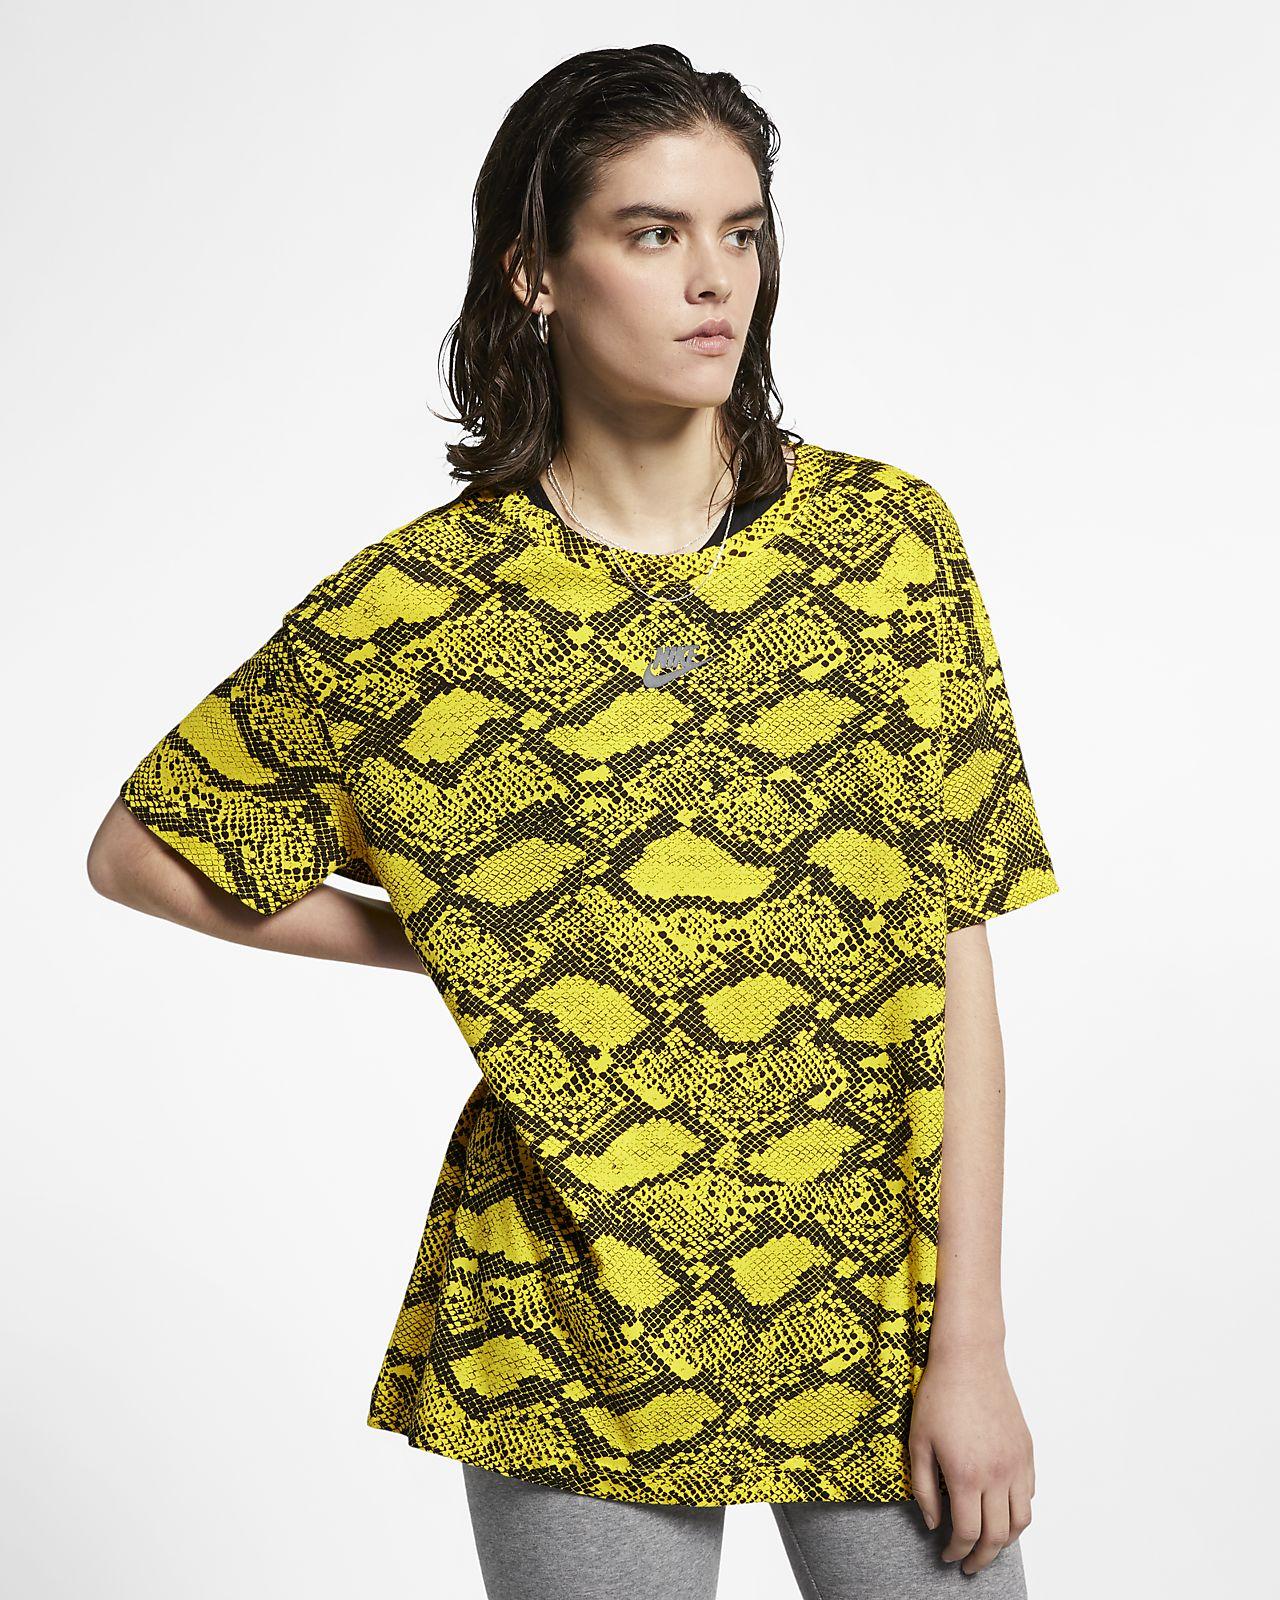 T-shirt animalier Nike Sportswear - Donna